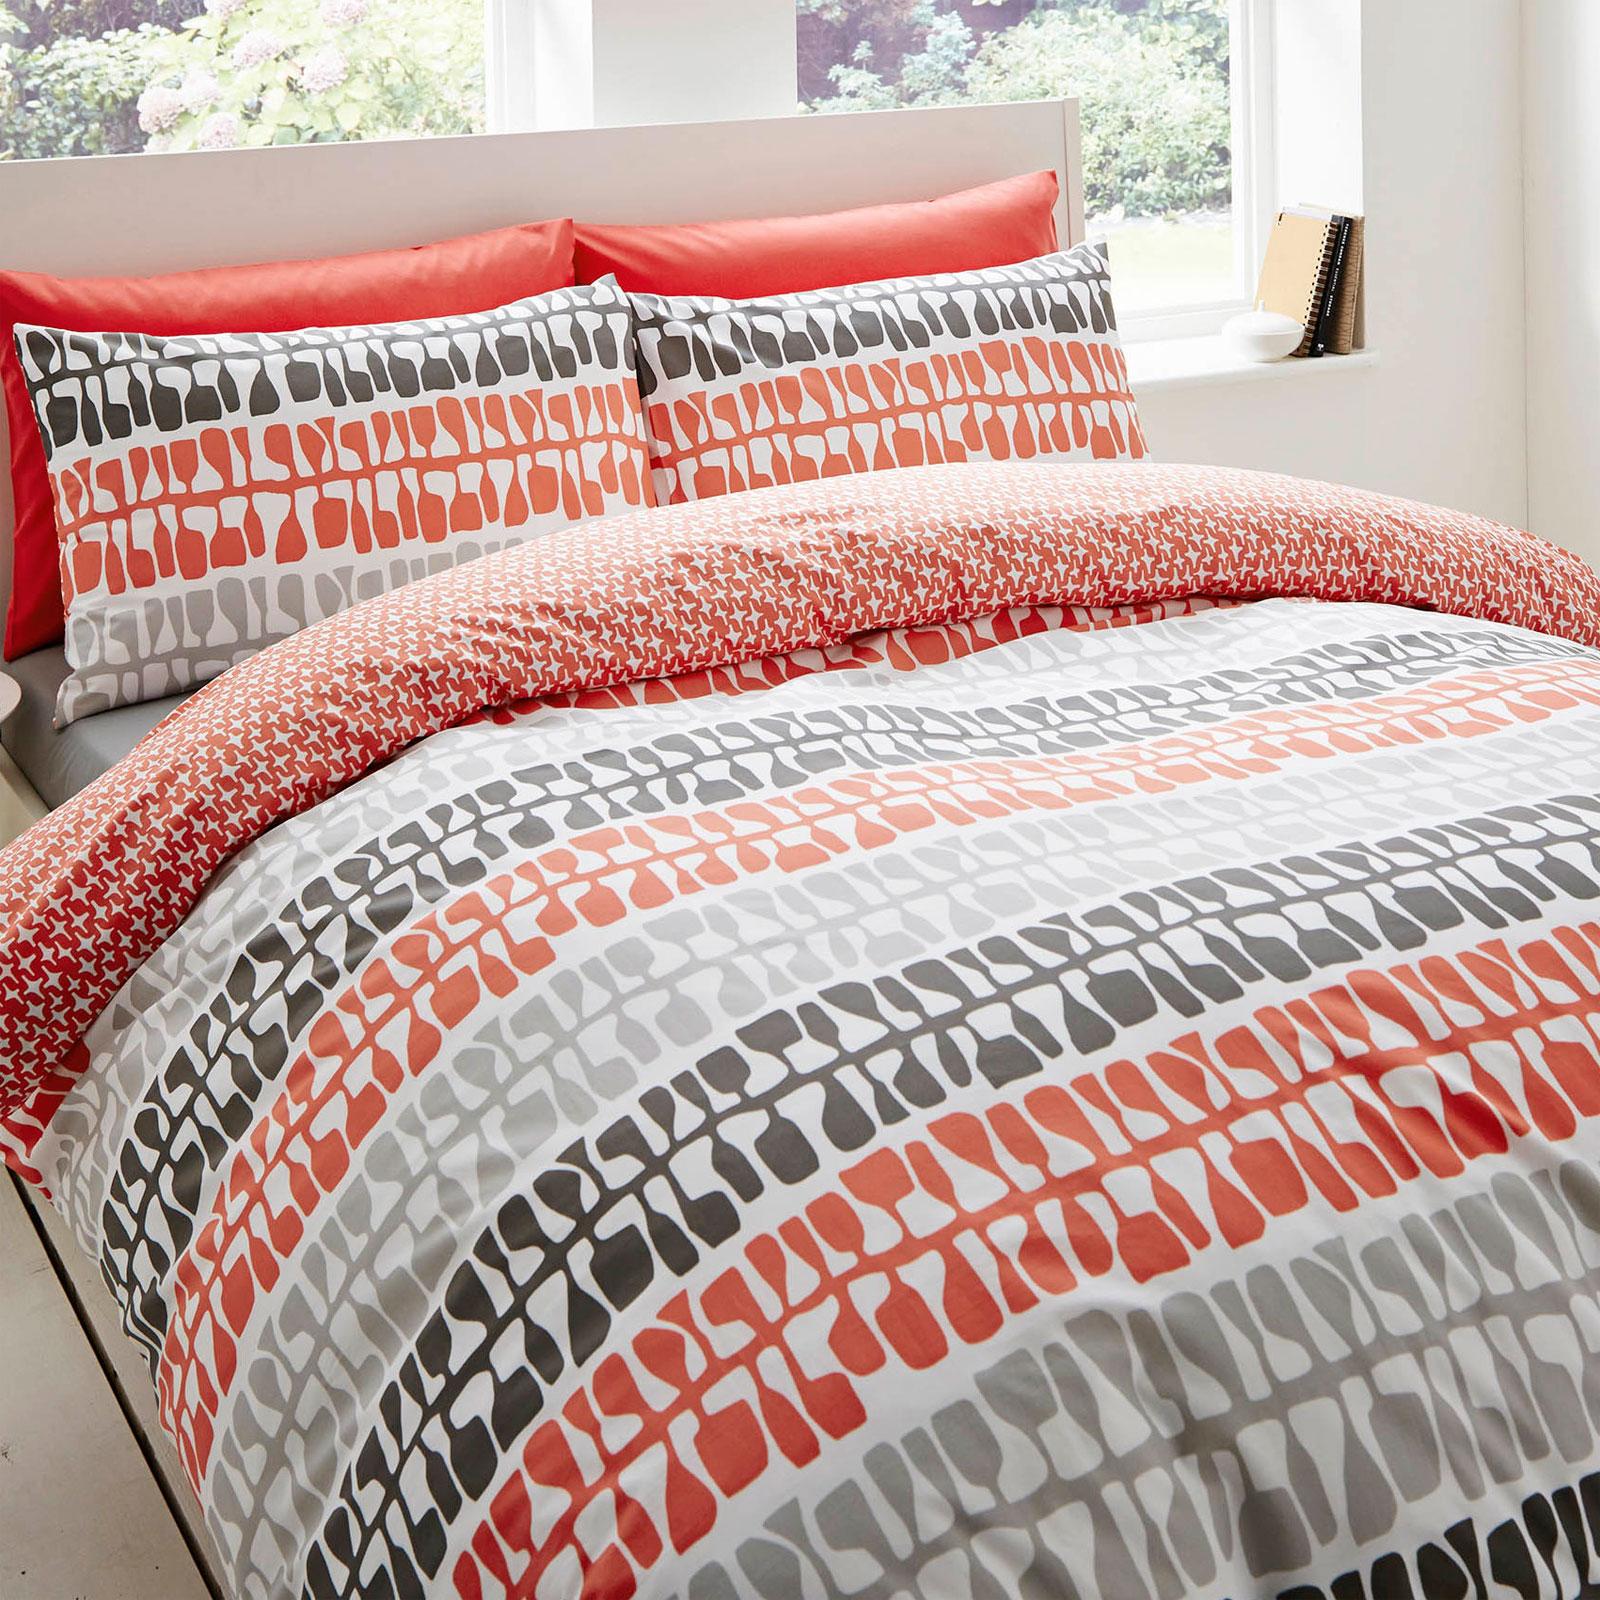 Unique Duvet Covers: Unique Lotta Jansdotter Follie Duvet Cover Bedding Set